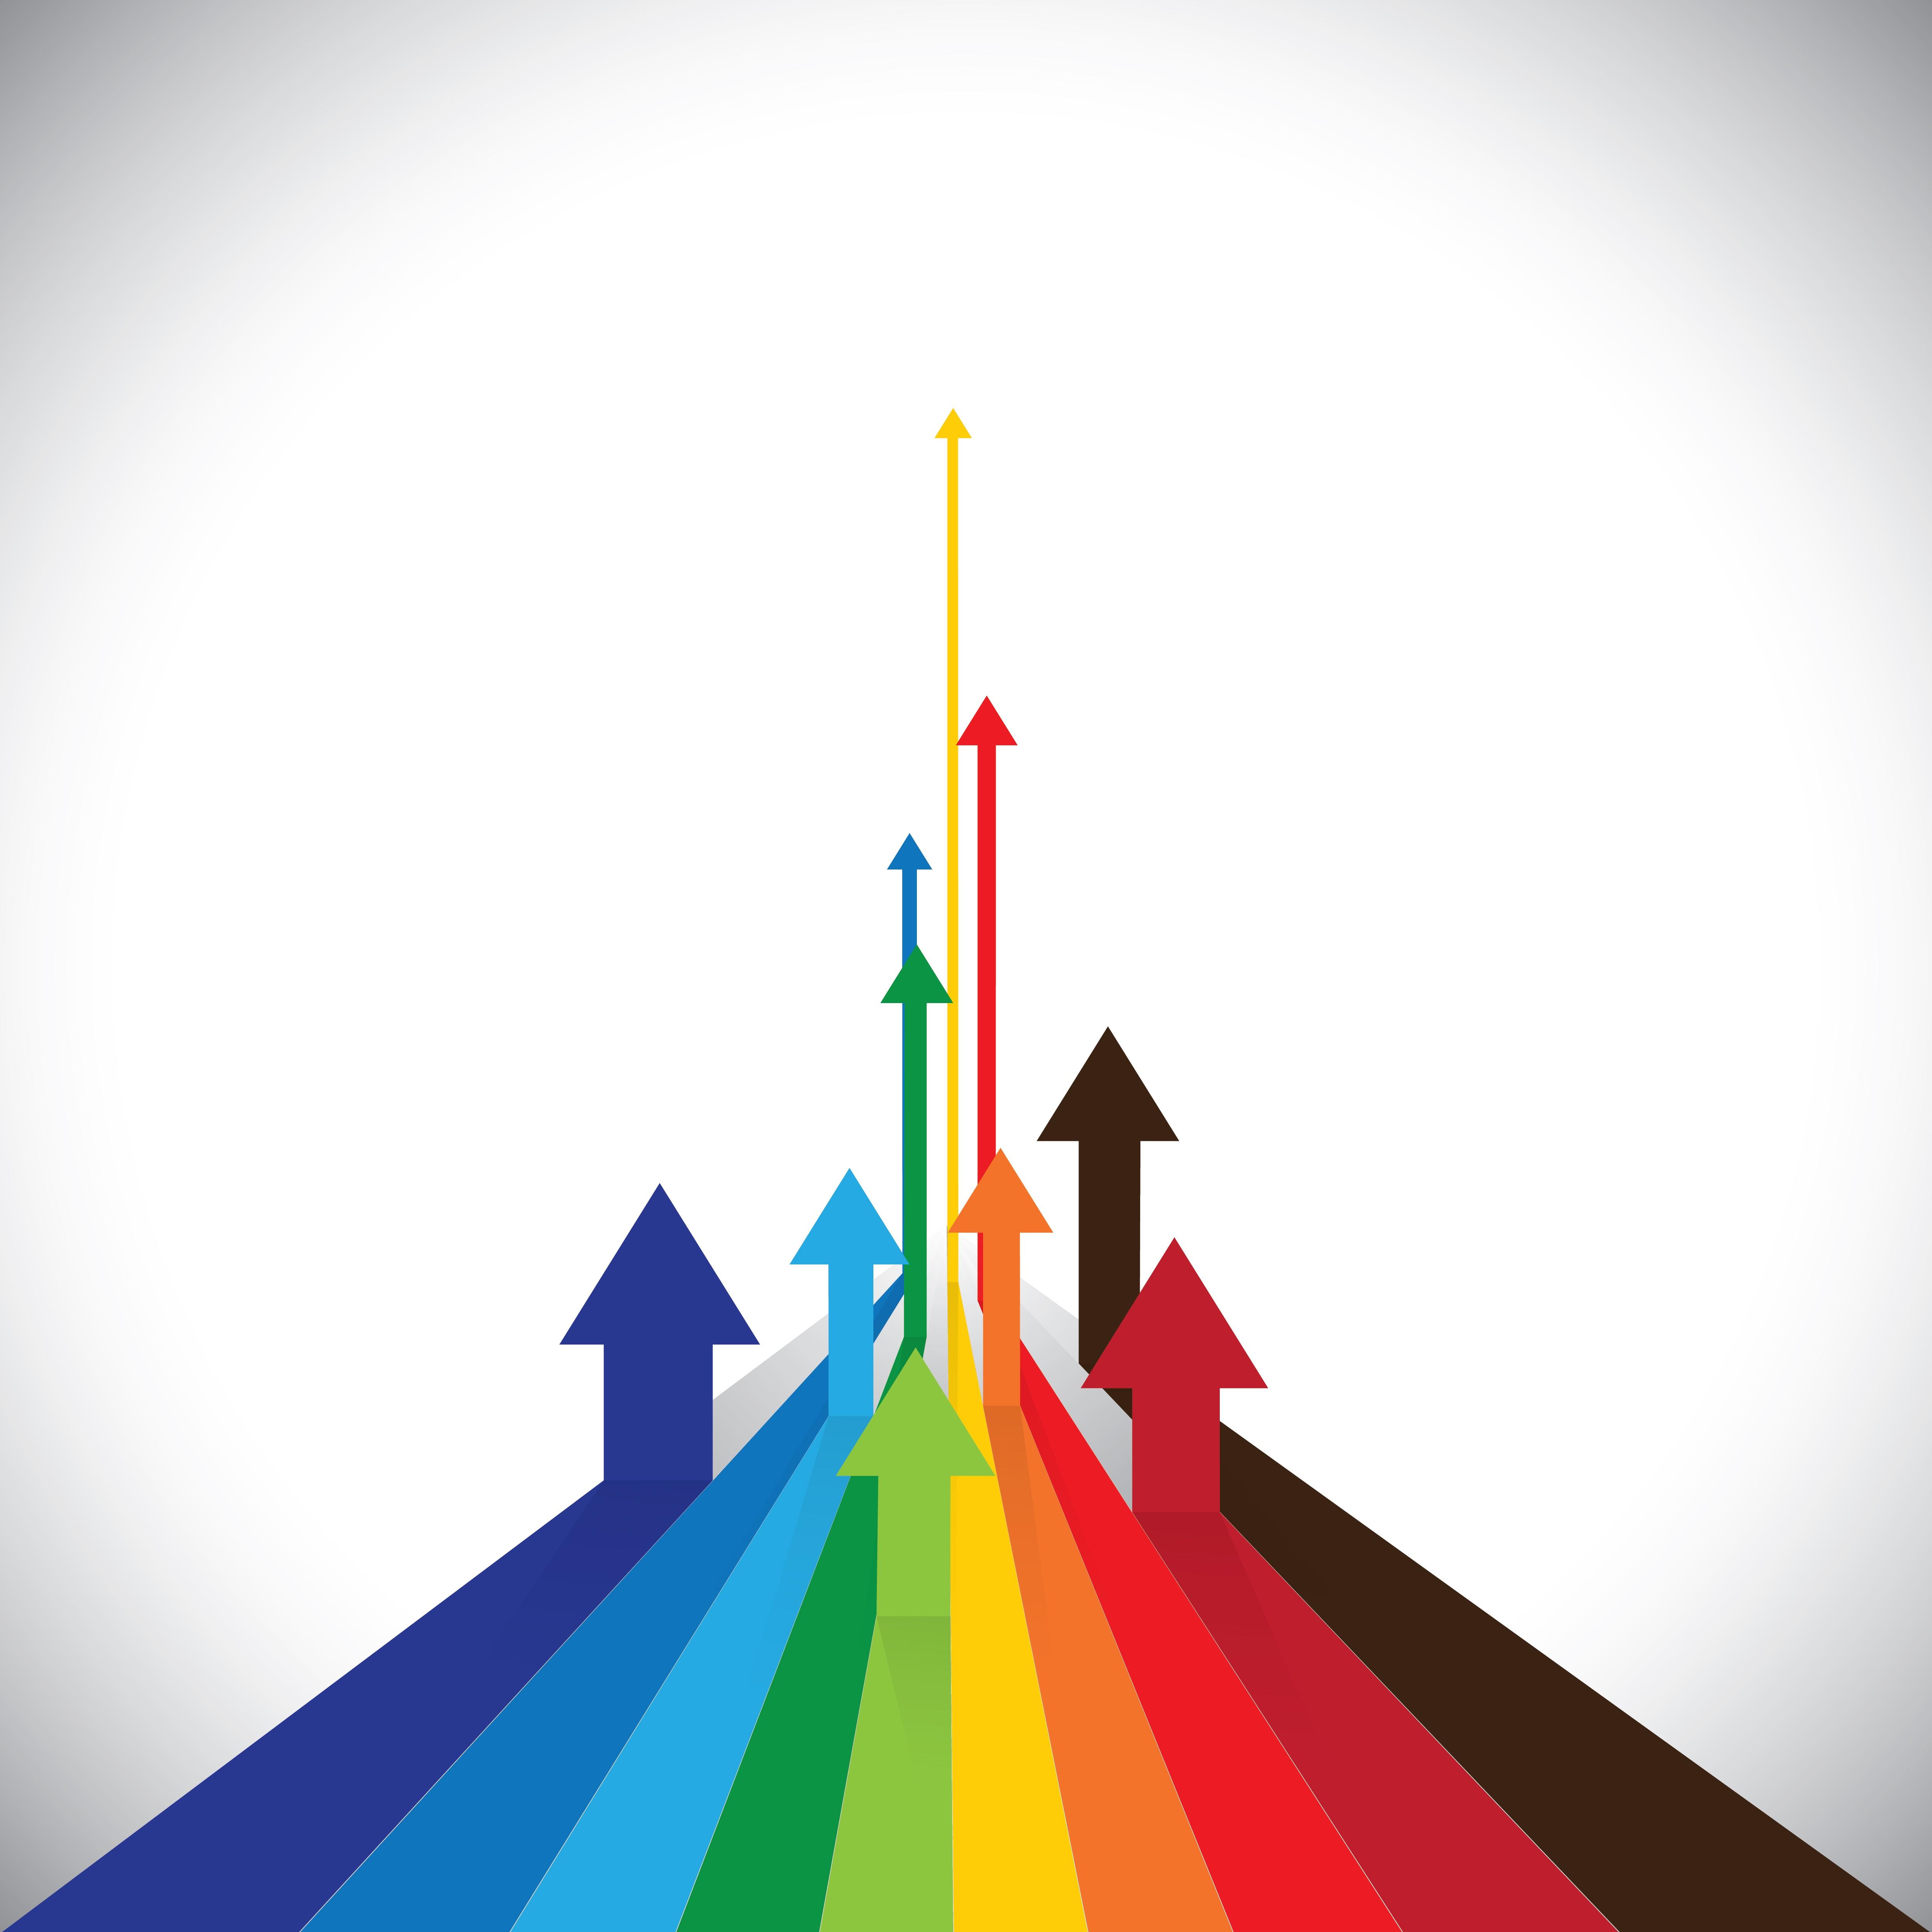 como-escolher-os-indicadores-de-desempenho-de-sua-empresa